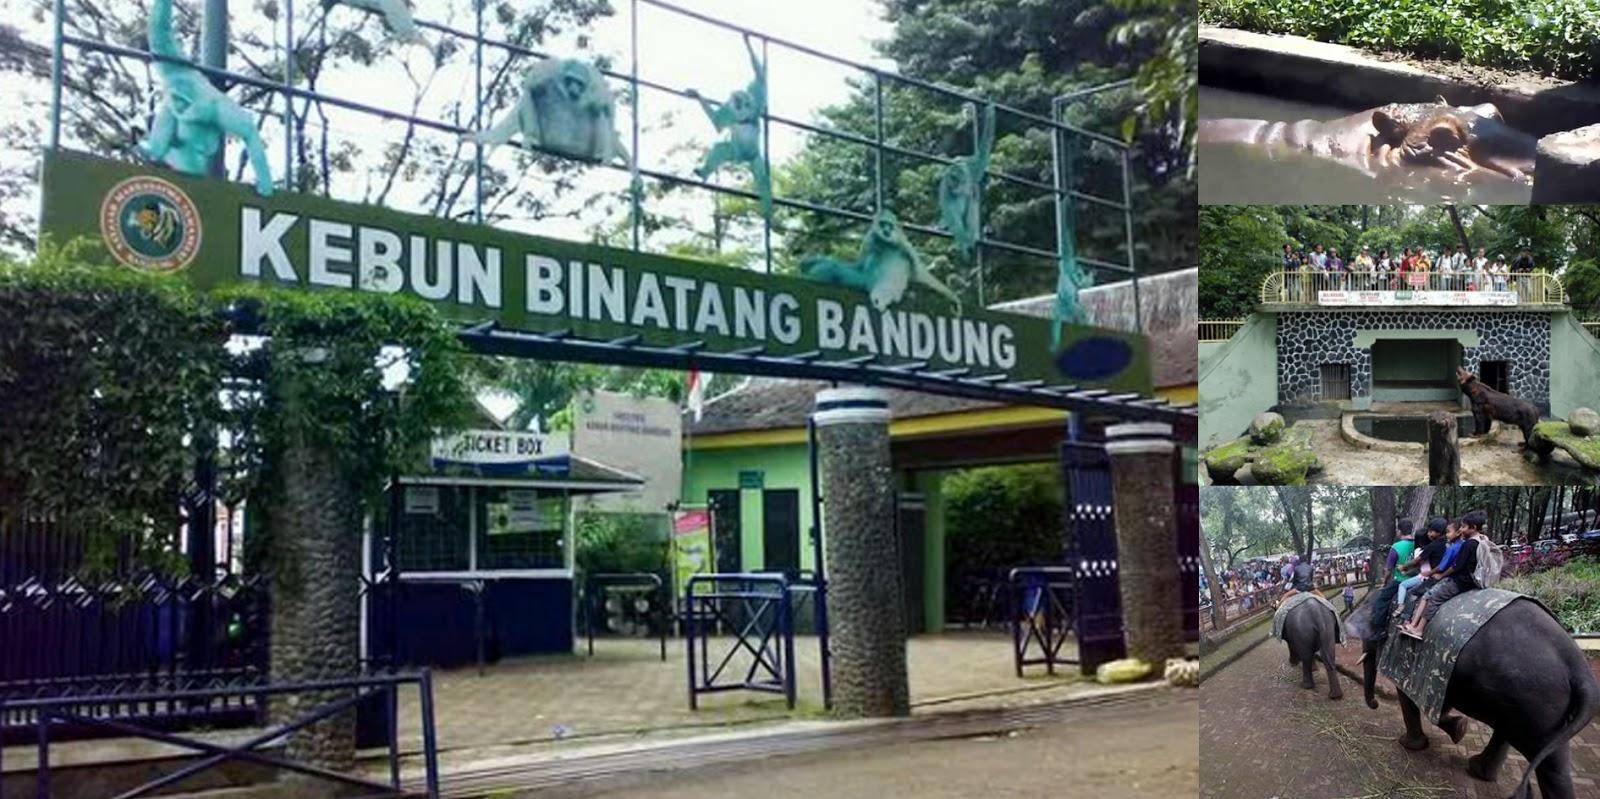 Kebun Binatang Bandung Wisata Pendidikan Hiburan Musim Liburan Kab